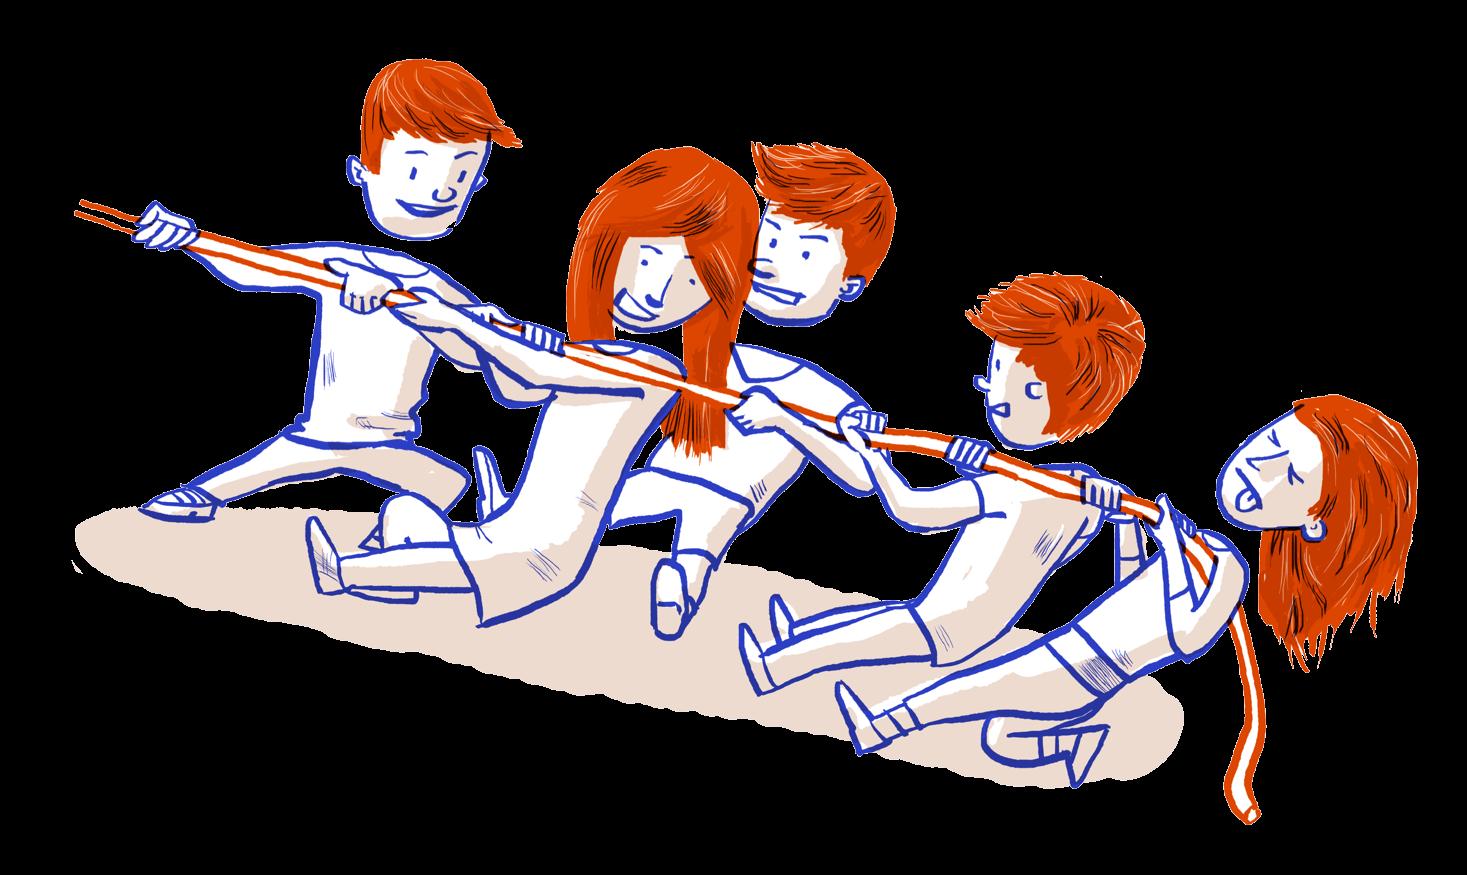 Illustratie van klasgroep